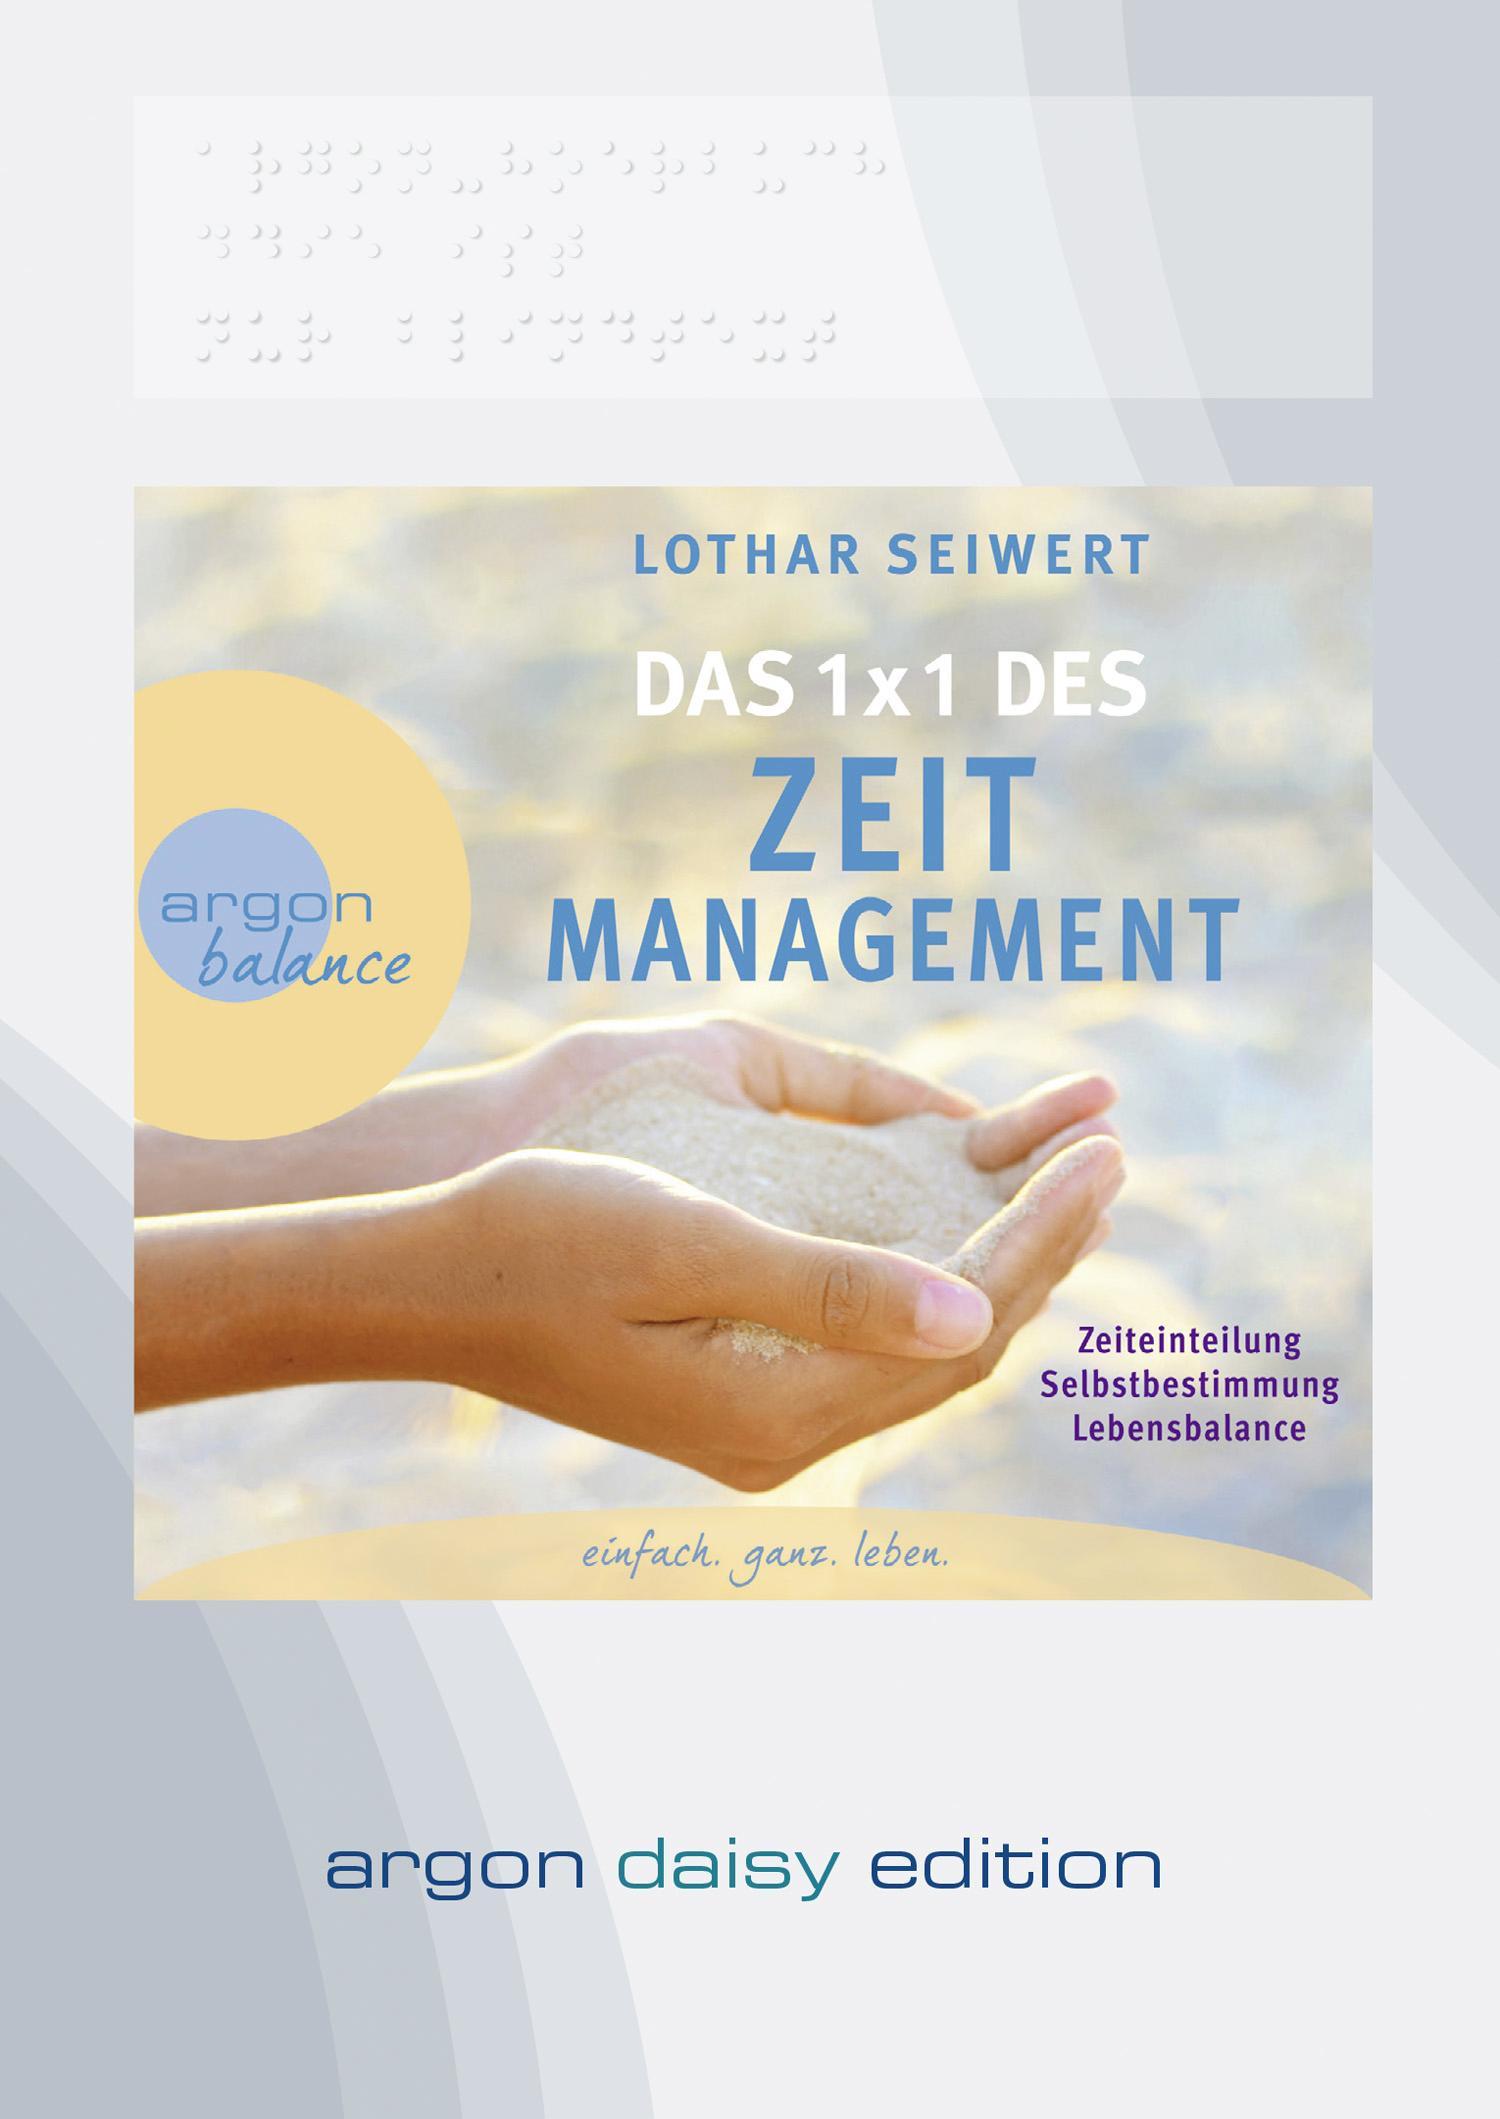 Das 1x1 des Zeitmanagement (DAISY Edition) Lothar Seiwert